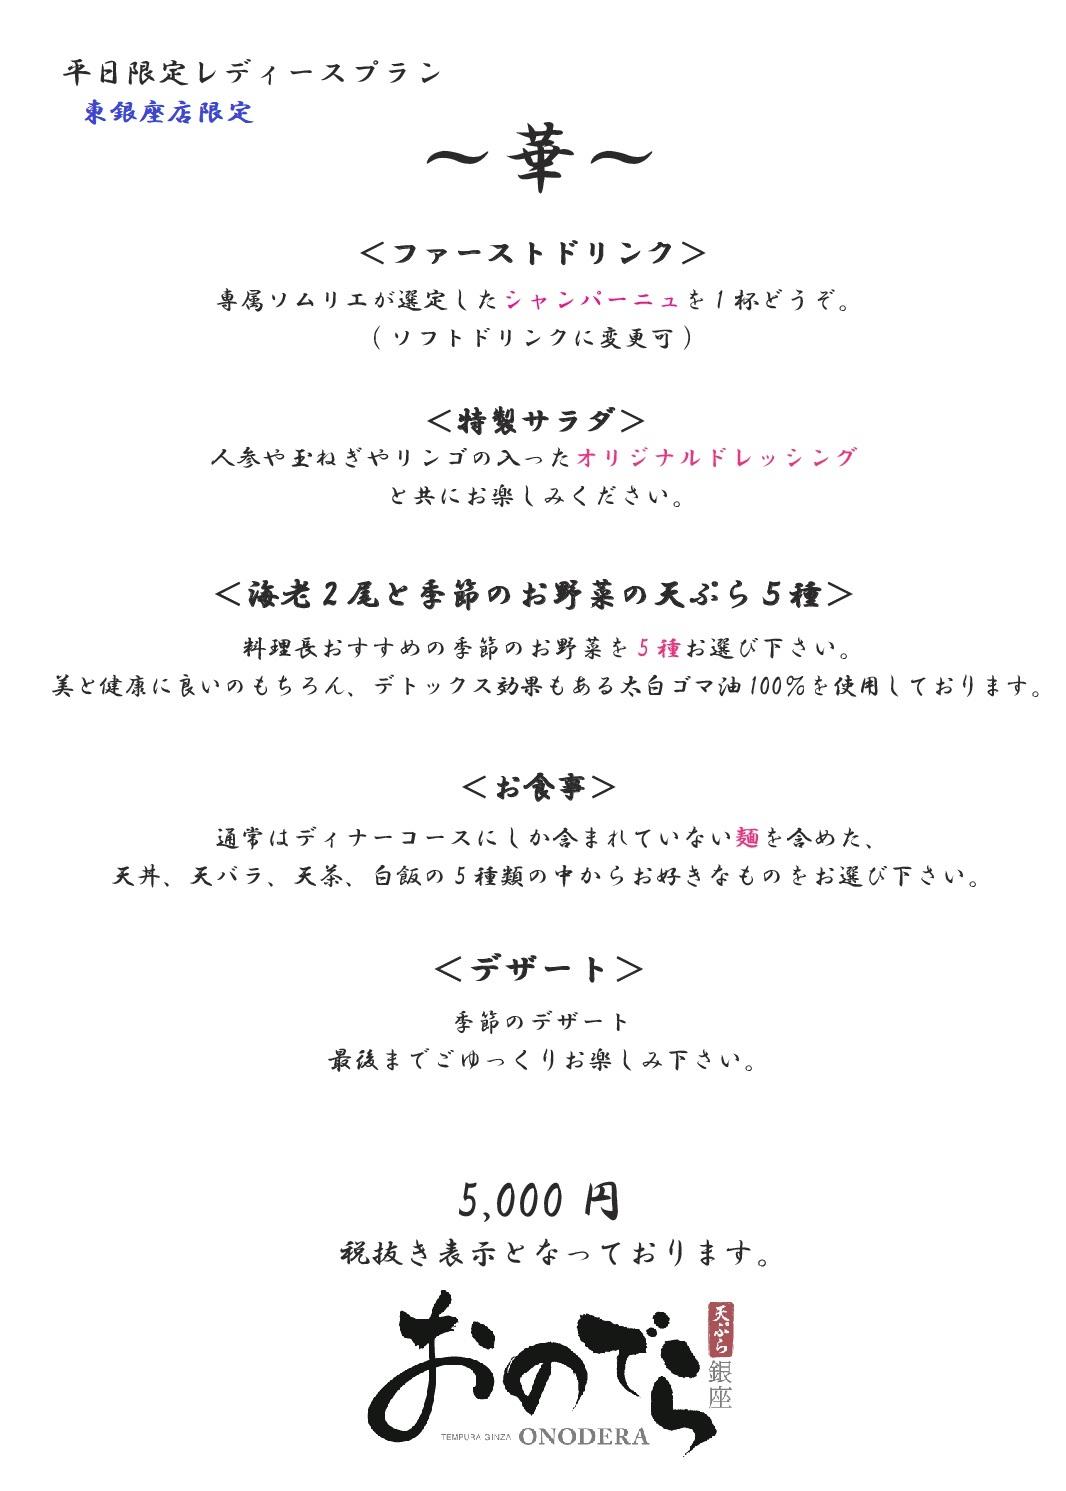 天ぷら [銀座店] ランチメニュー3